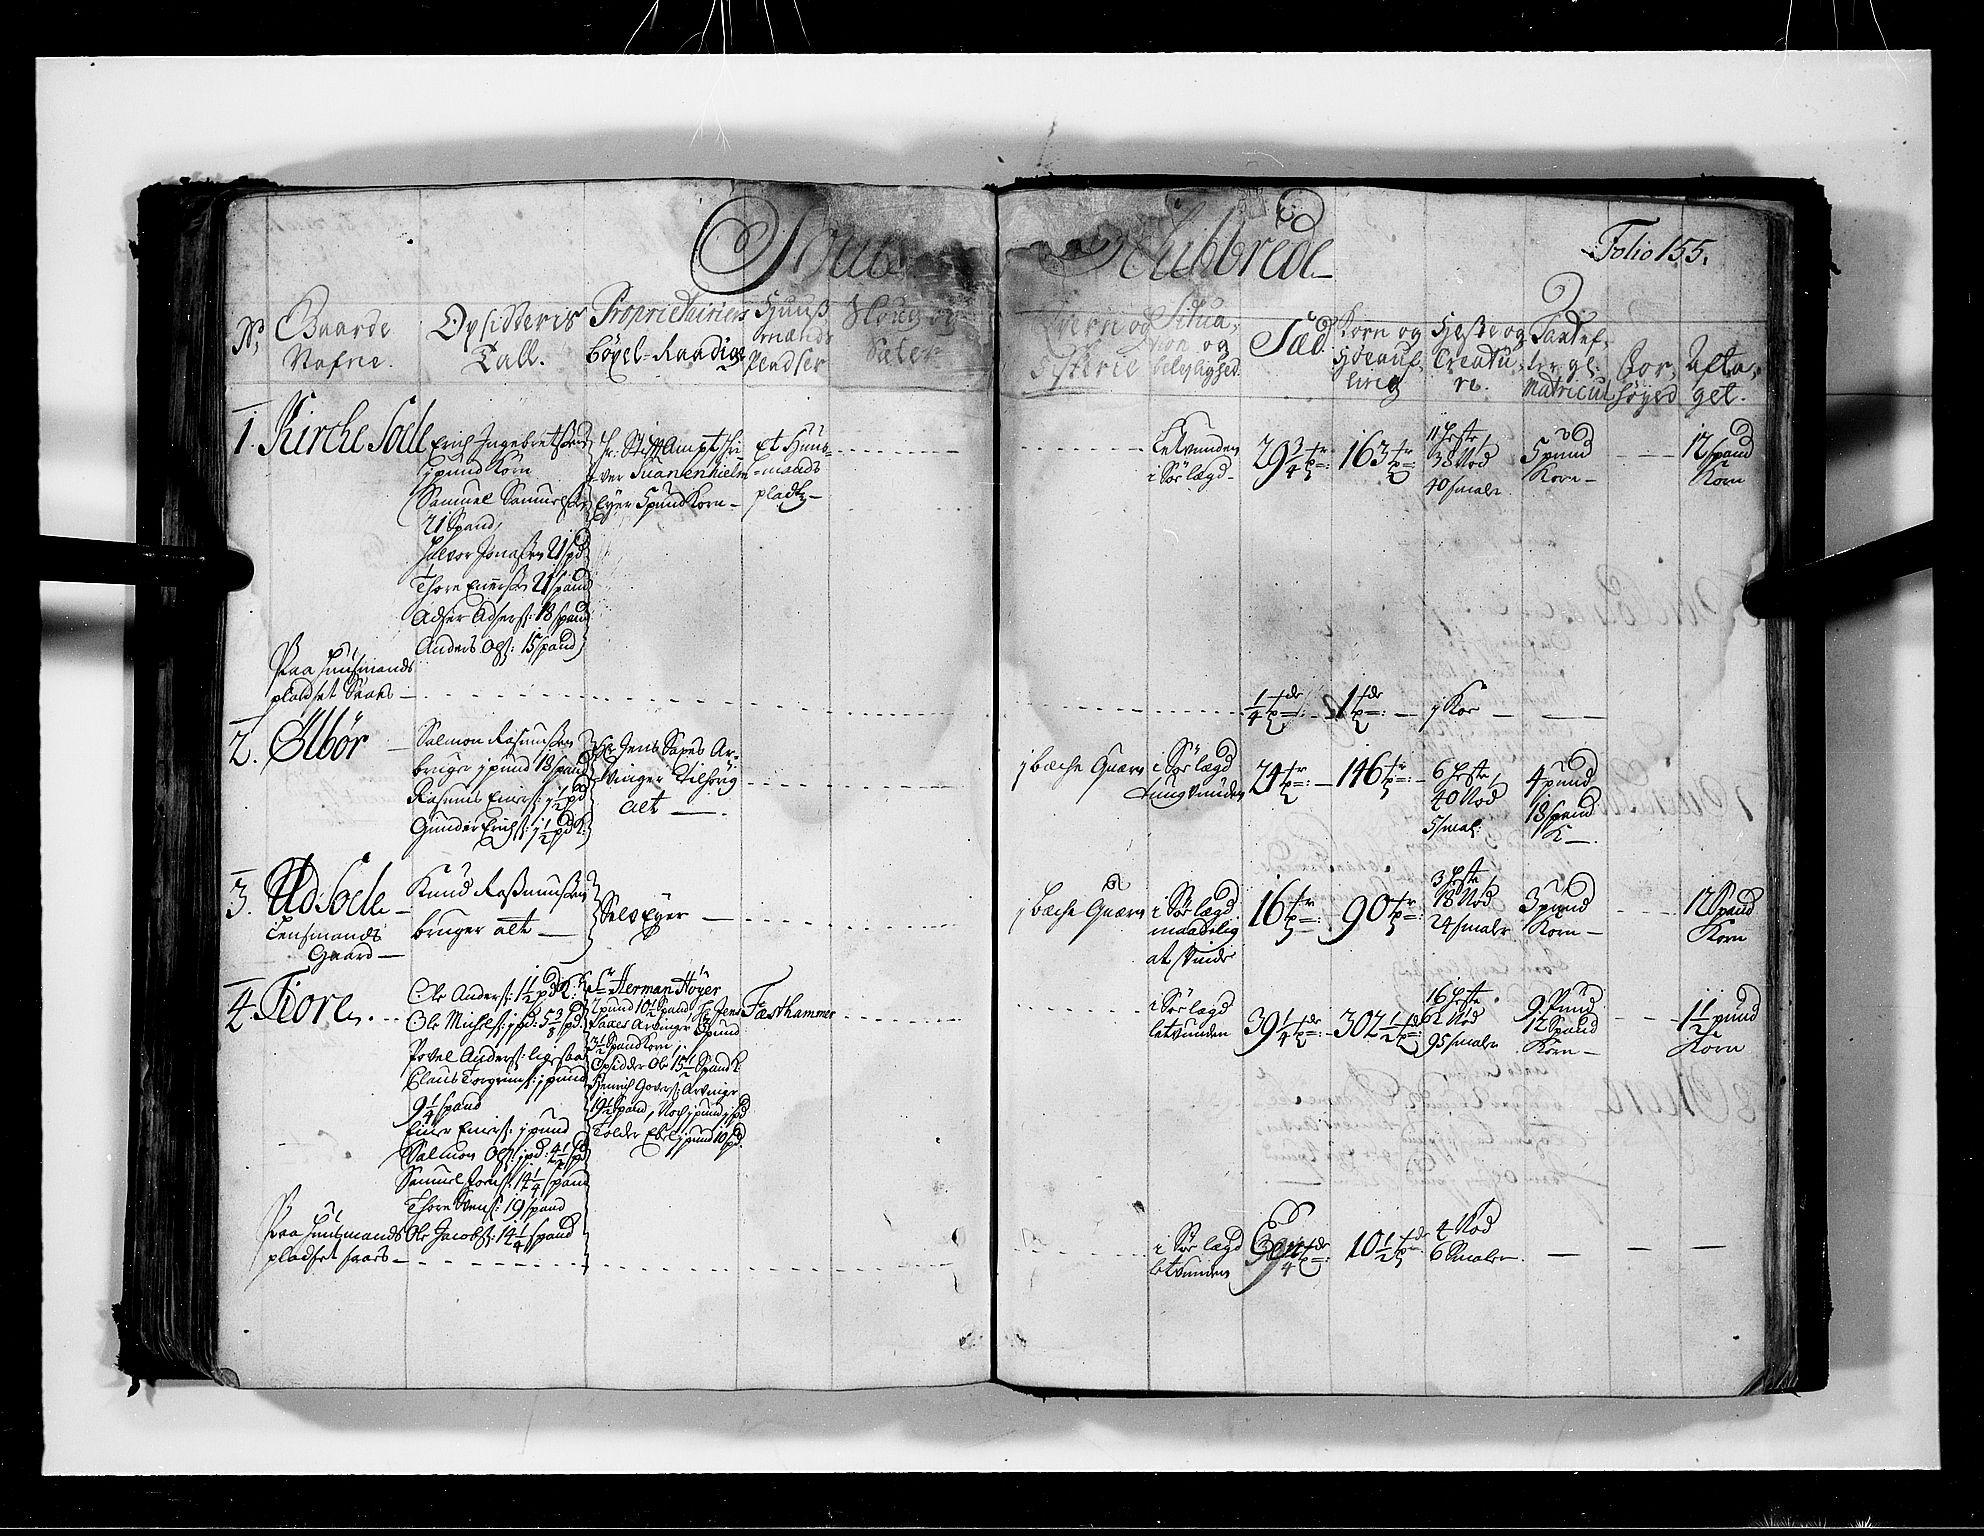 RA, Rentekammeret inntil 1814, Realistisk ordnet avdeling, N/Nb/Nbf/L0131: Jæren og Dalane eksaminasjonsprotokoll, 1723, s. 154b-155a